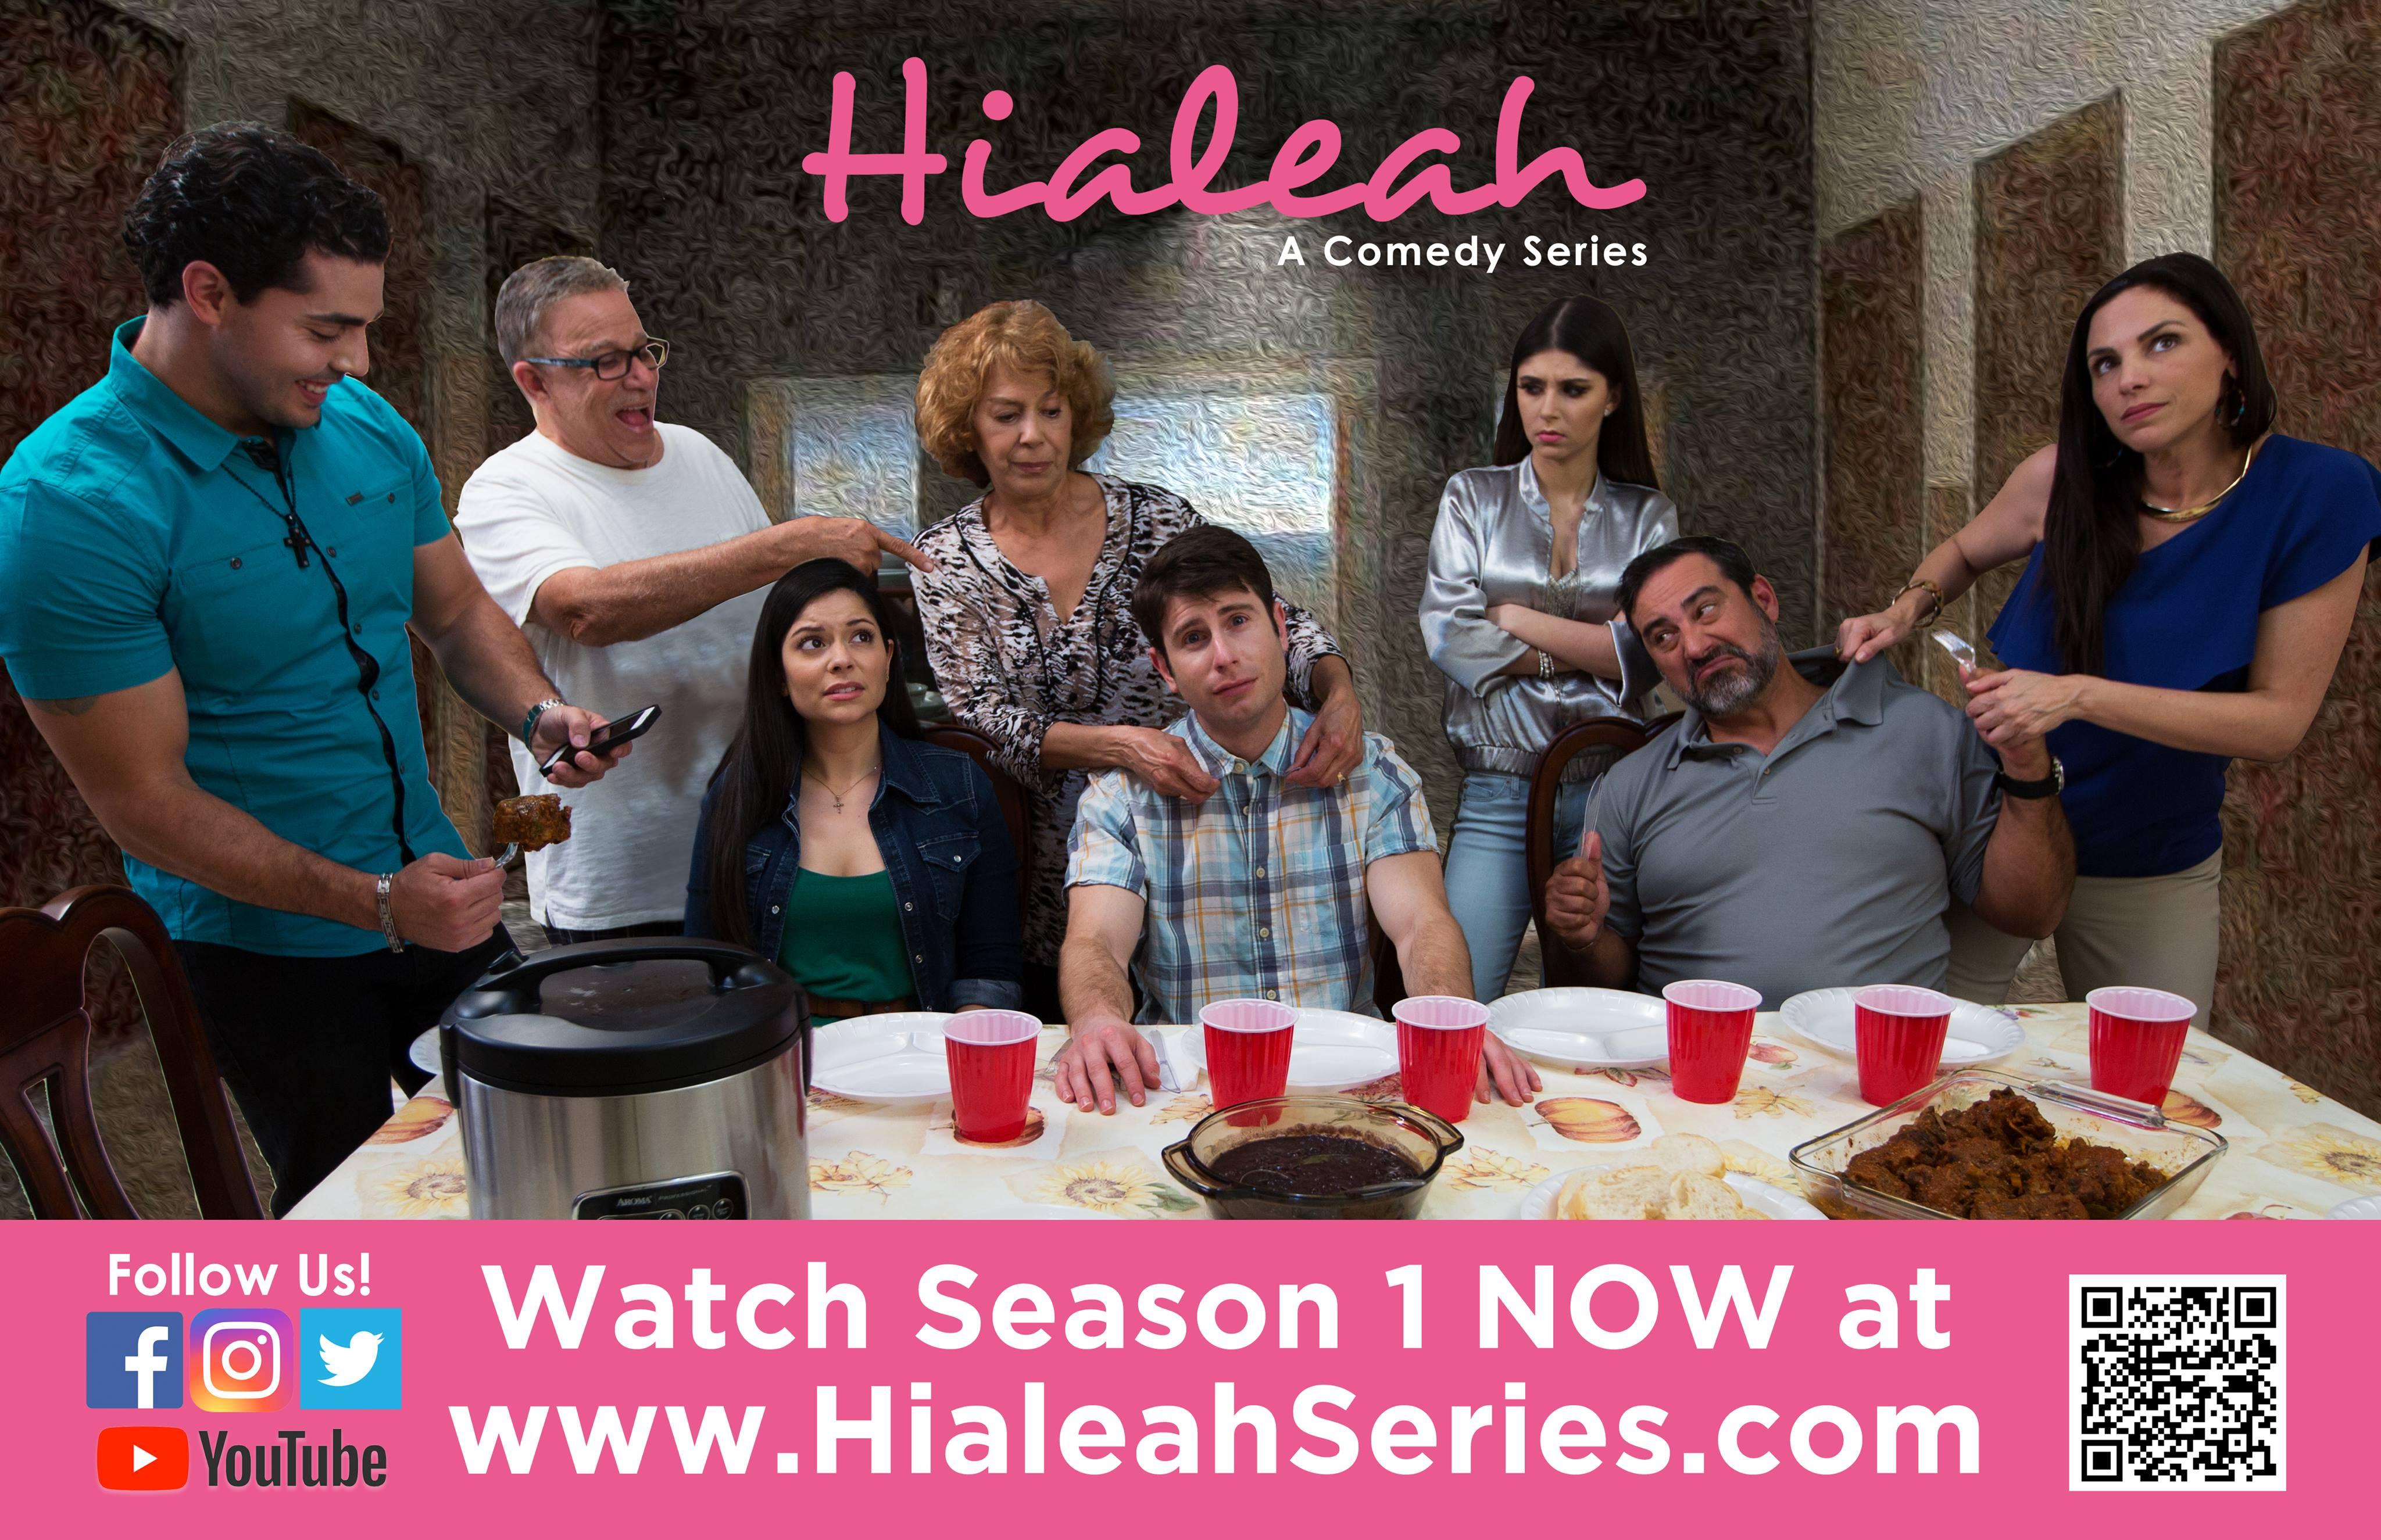 Hialeah Series+Hialeah Park=Hialeah Experience